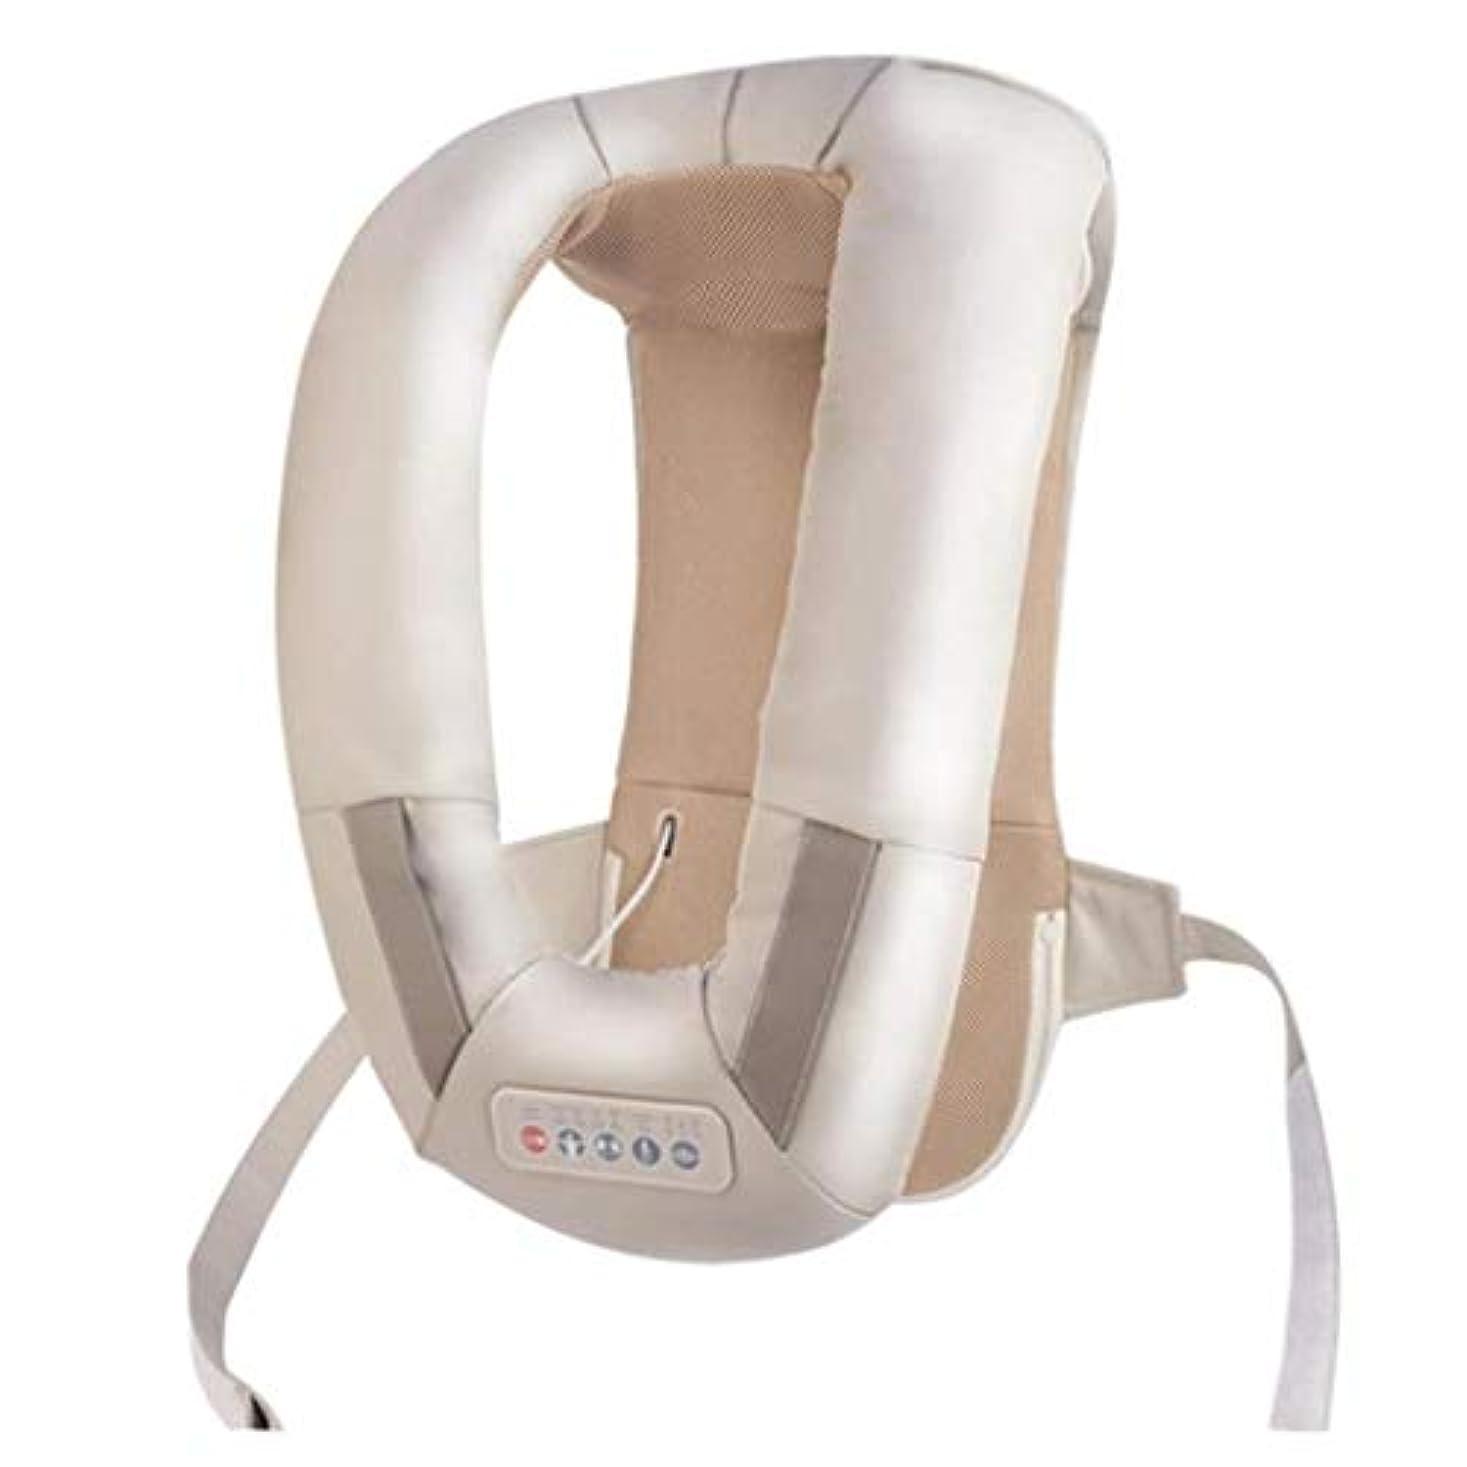 休戦溶岩コレクション首の背中のマッサージ、肩/首の加熱/温かいマッサージ機器、血液循環を促進し、筋肉の圧力を緩和し、痛みを和らげ、オフィス/ホーム